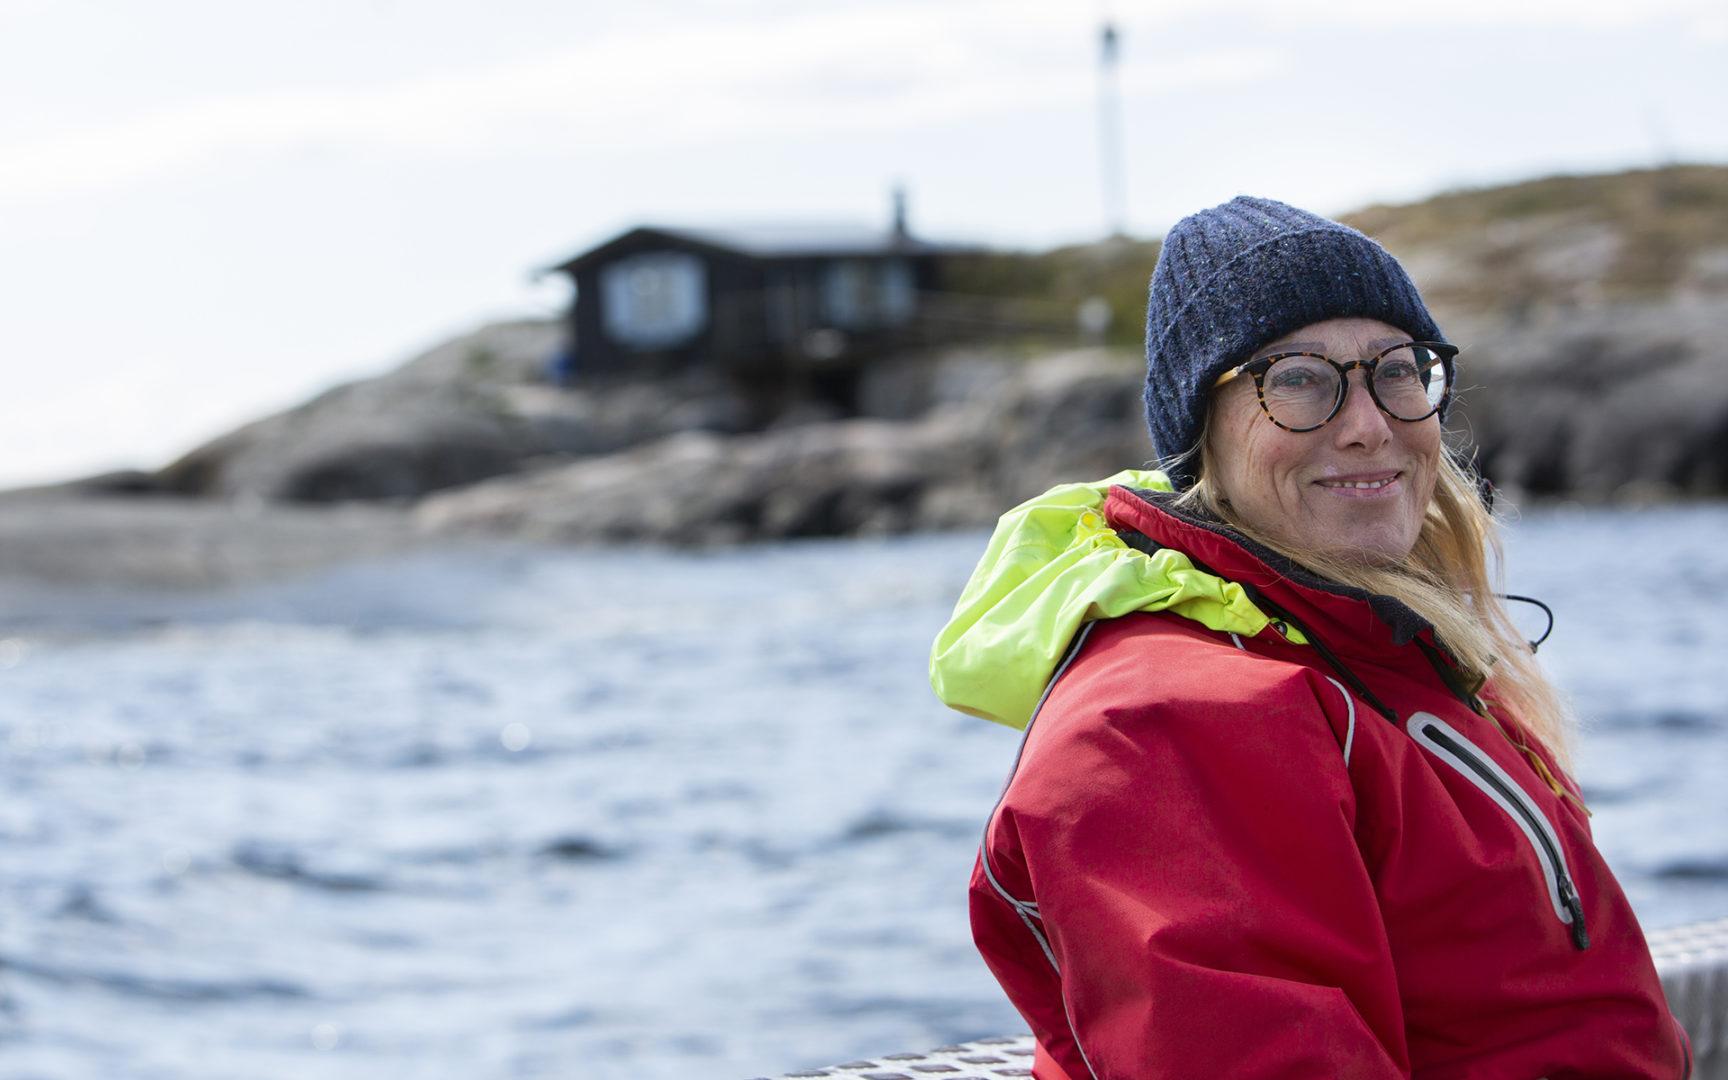 Myös Moomin Characters -yhtiö on mukana Meidän meri -kampanjassa. Taiteellinen johtaja Sophia Johansson luotsasi Seuran toimittajan Tove Janssonin luodolle.